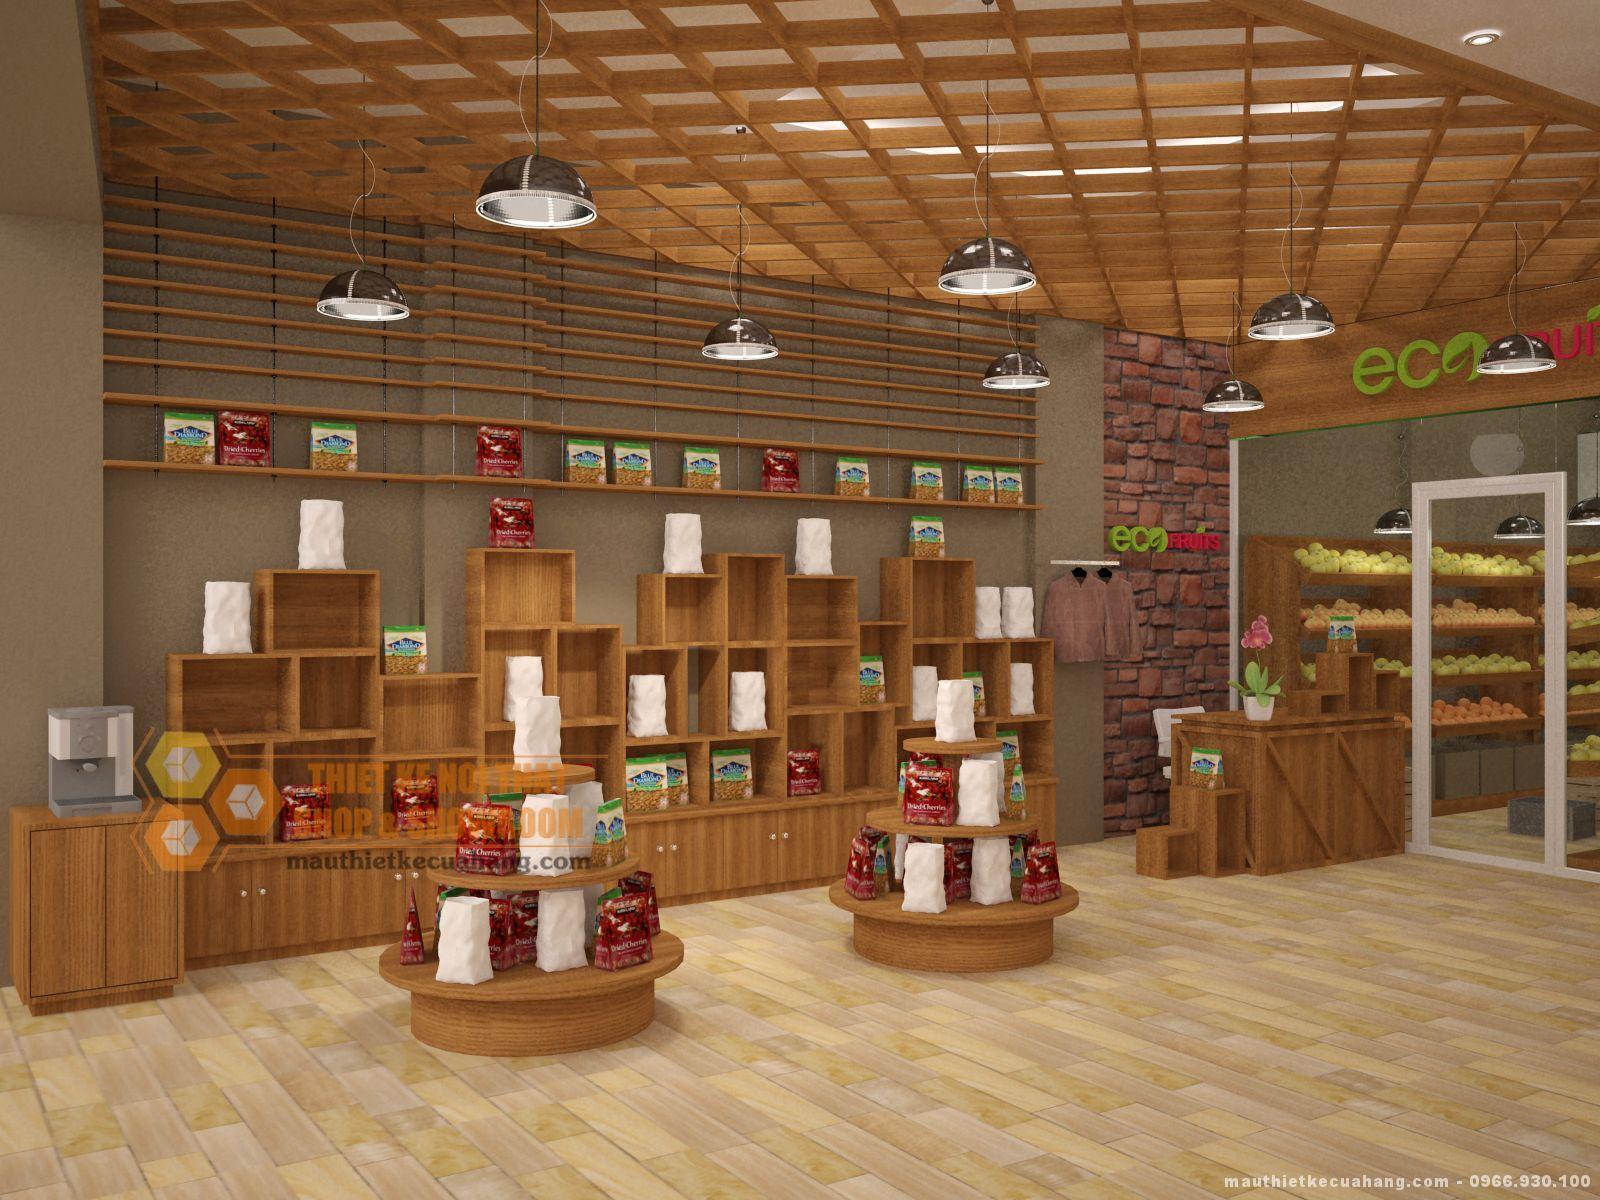 Mẫu thiết kế shop hoa quả sạch Eco Fruits tại Hà Nội 30m2